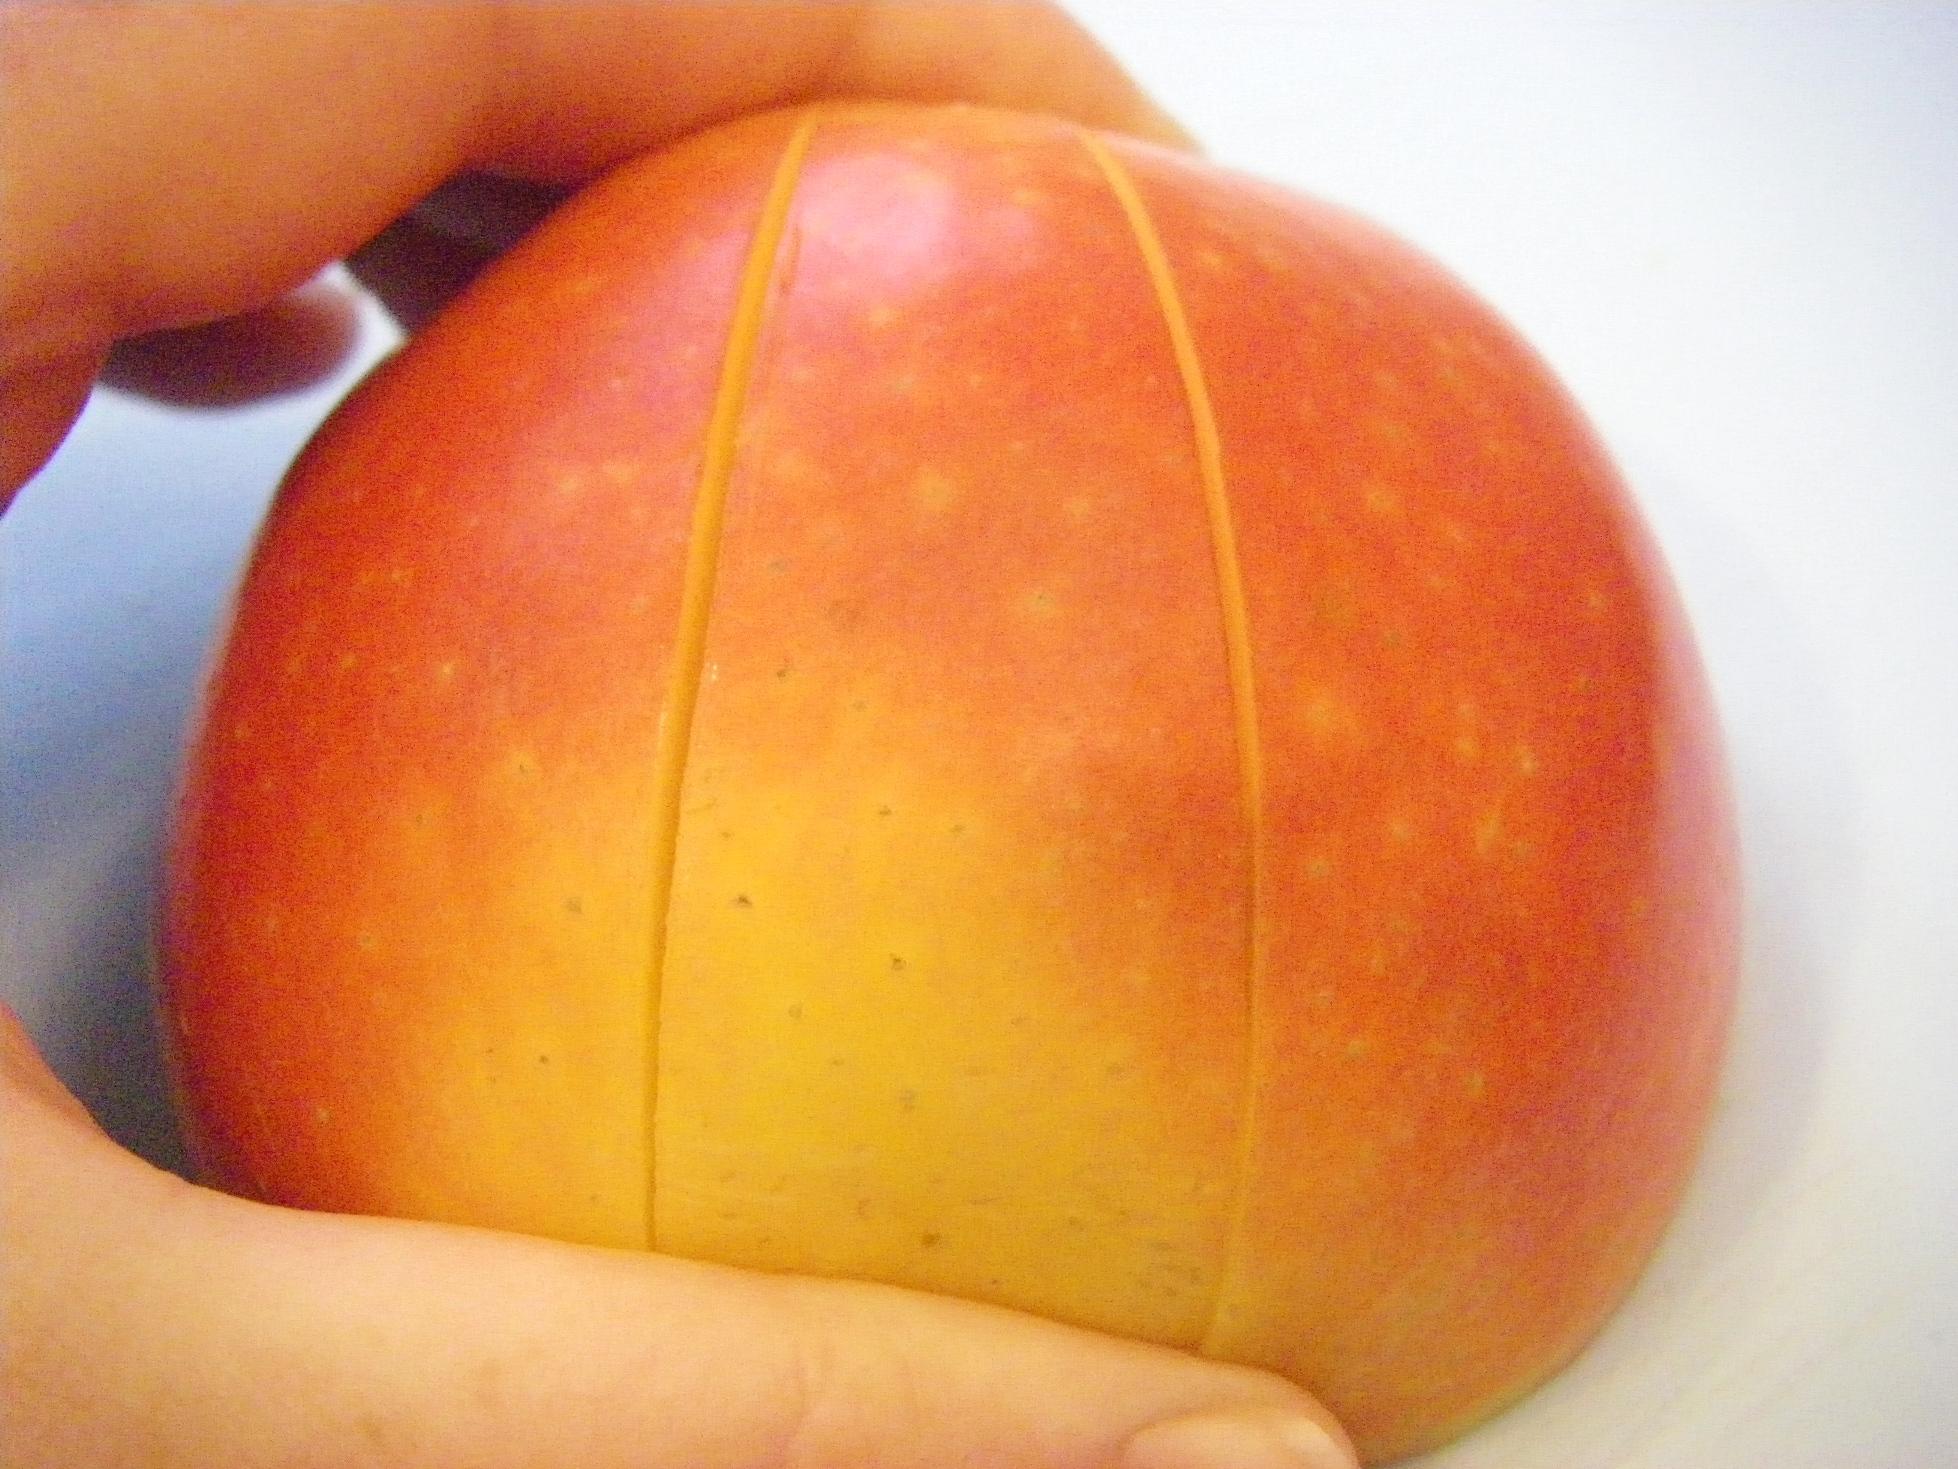 Как красиво нарезать яблоки на стол пошаговое описание и фото